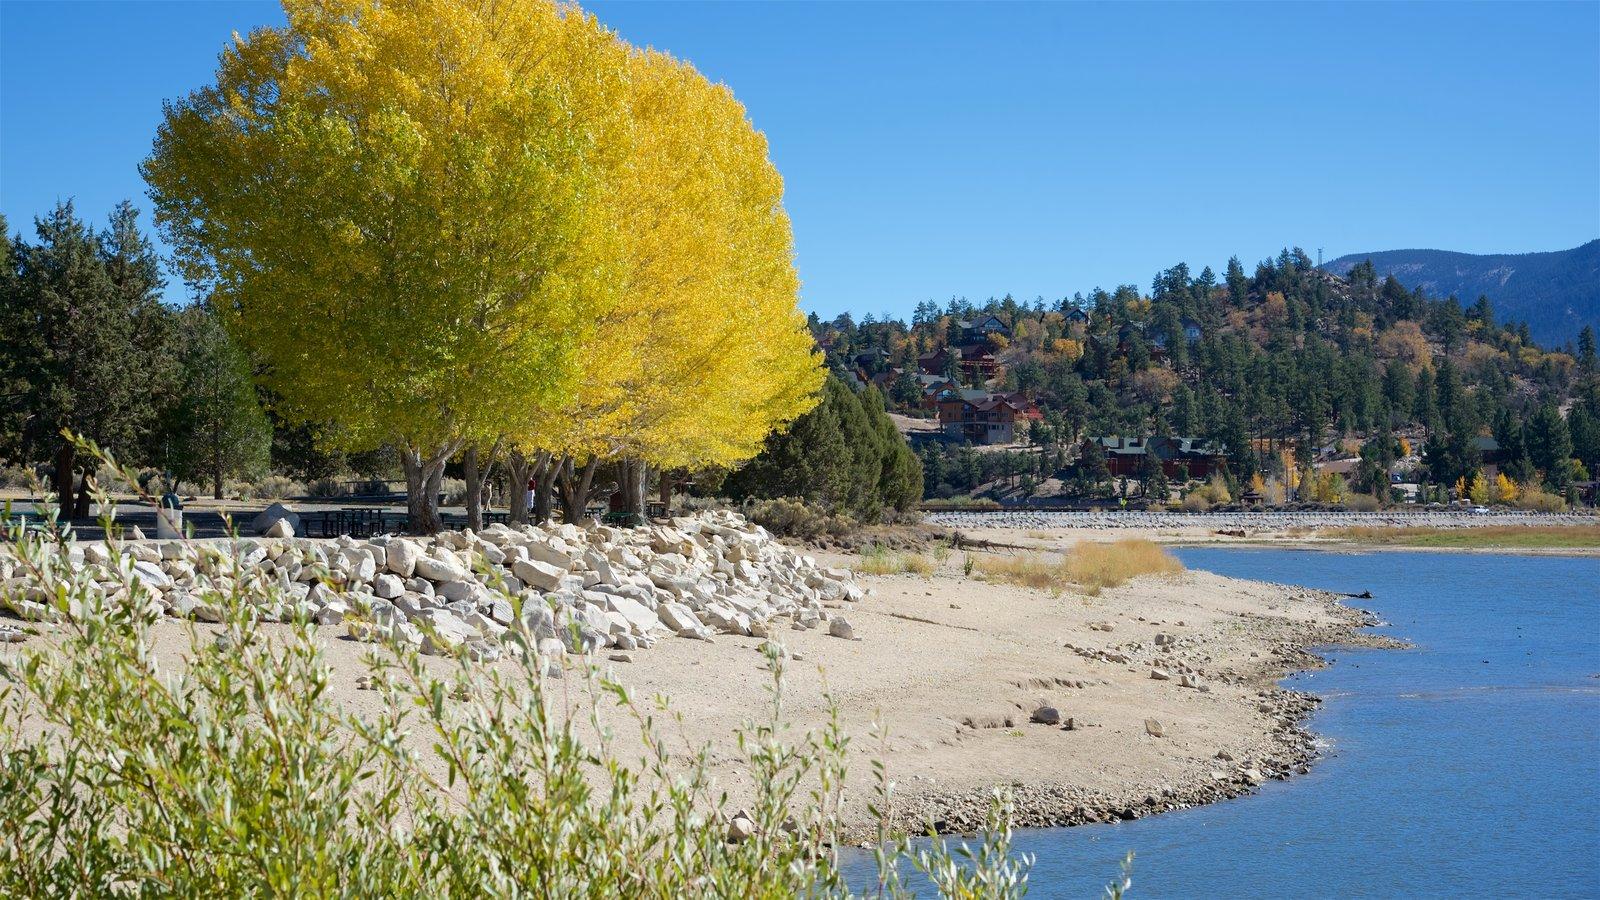 Big Bear Lake mostrando um lago ou charco e uma praia de areia